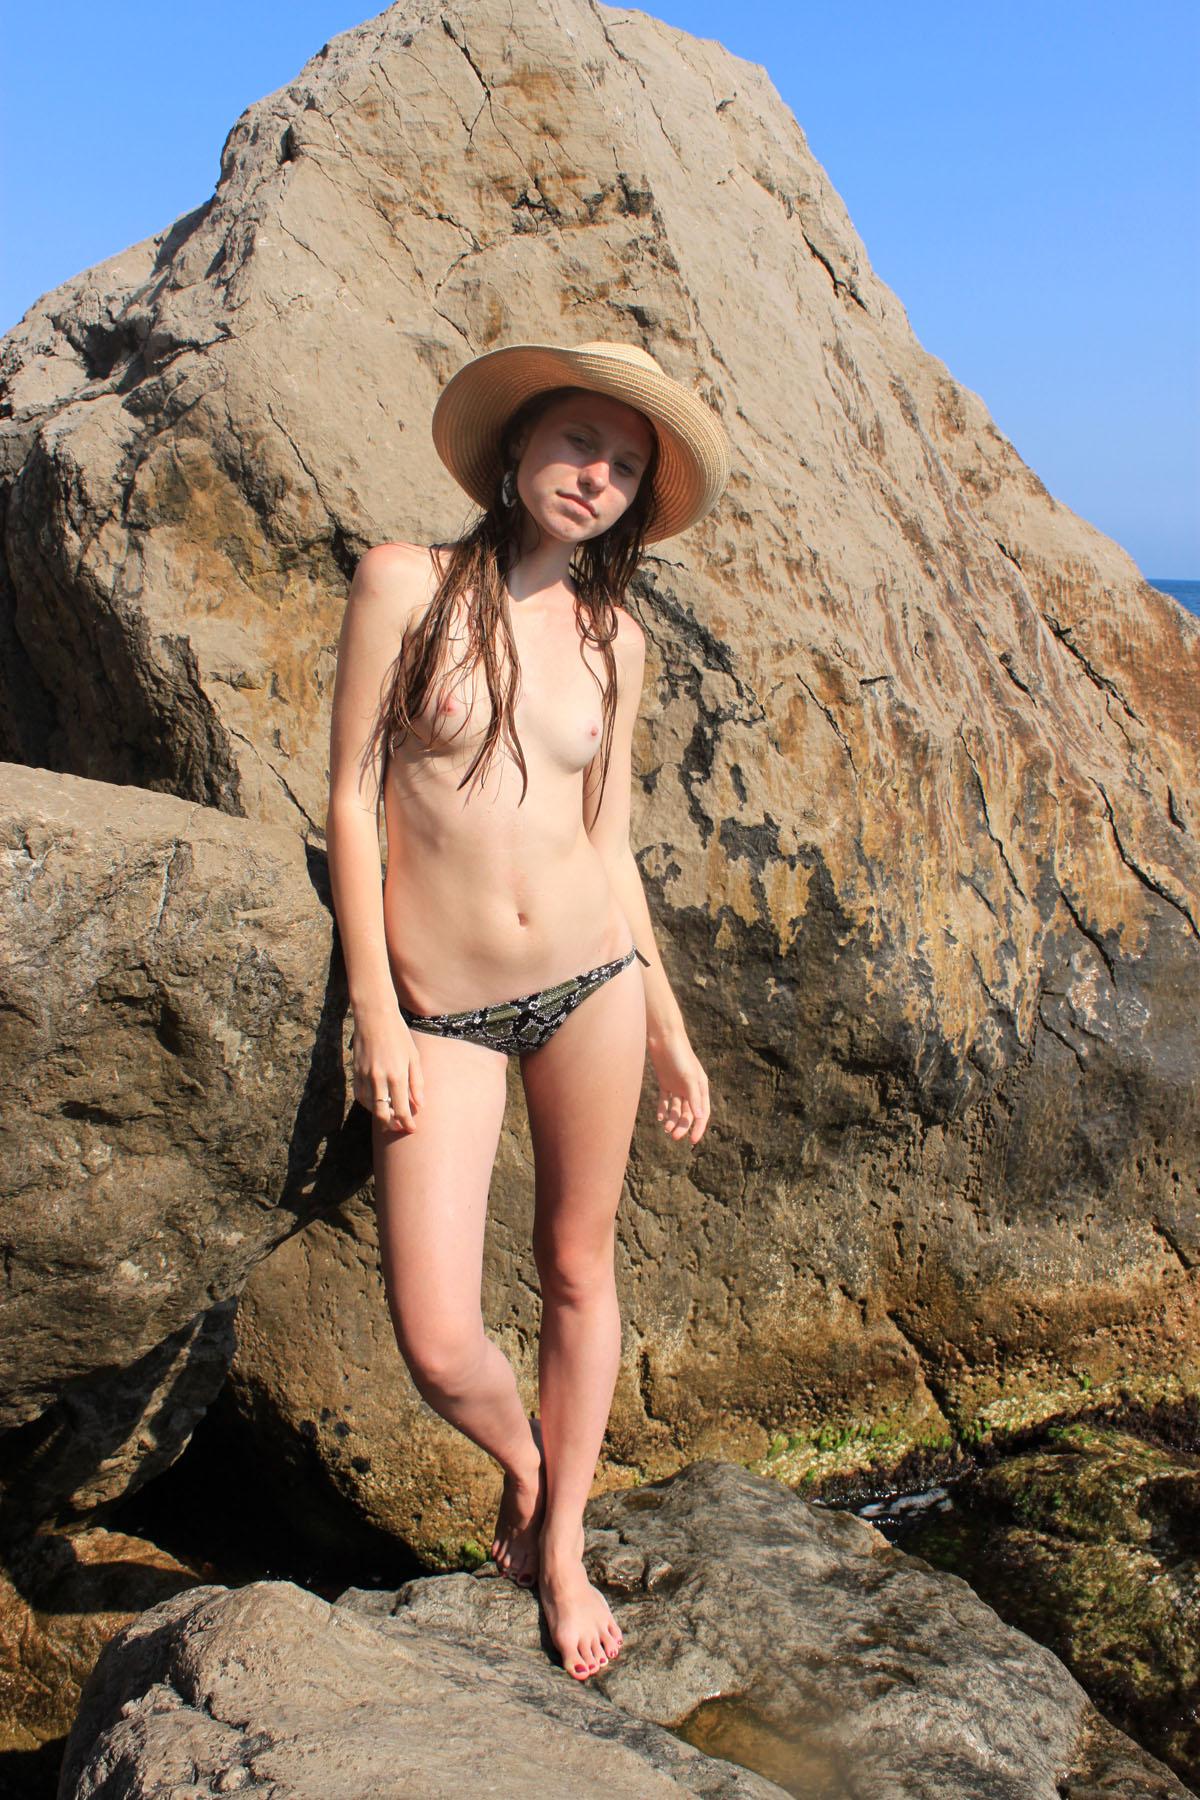 【外人】ヌーディストビーチで撮影された素人白人美女のパイパンまんこポルノ画像 238